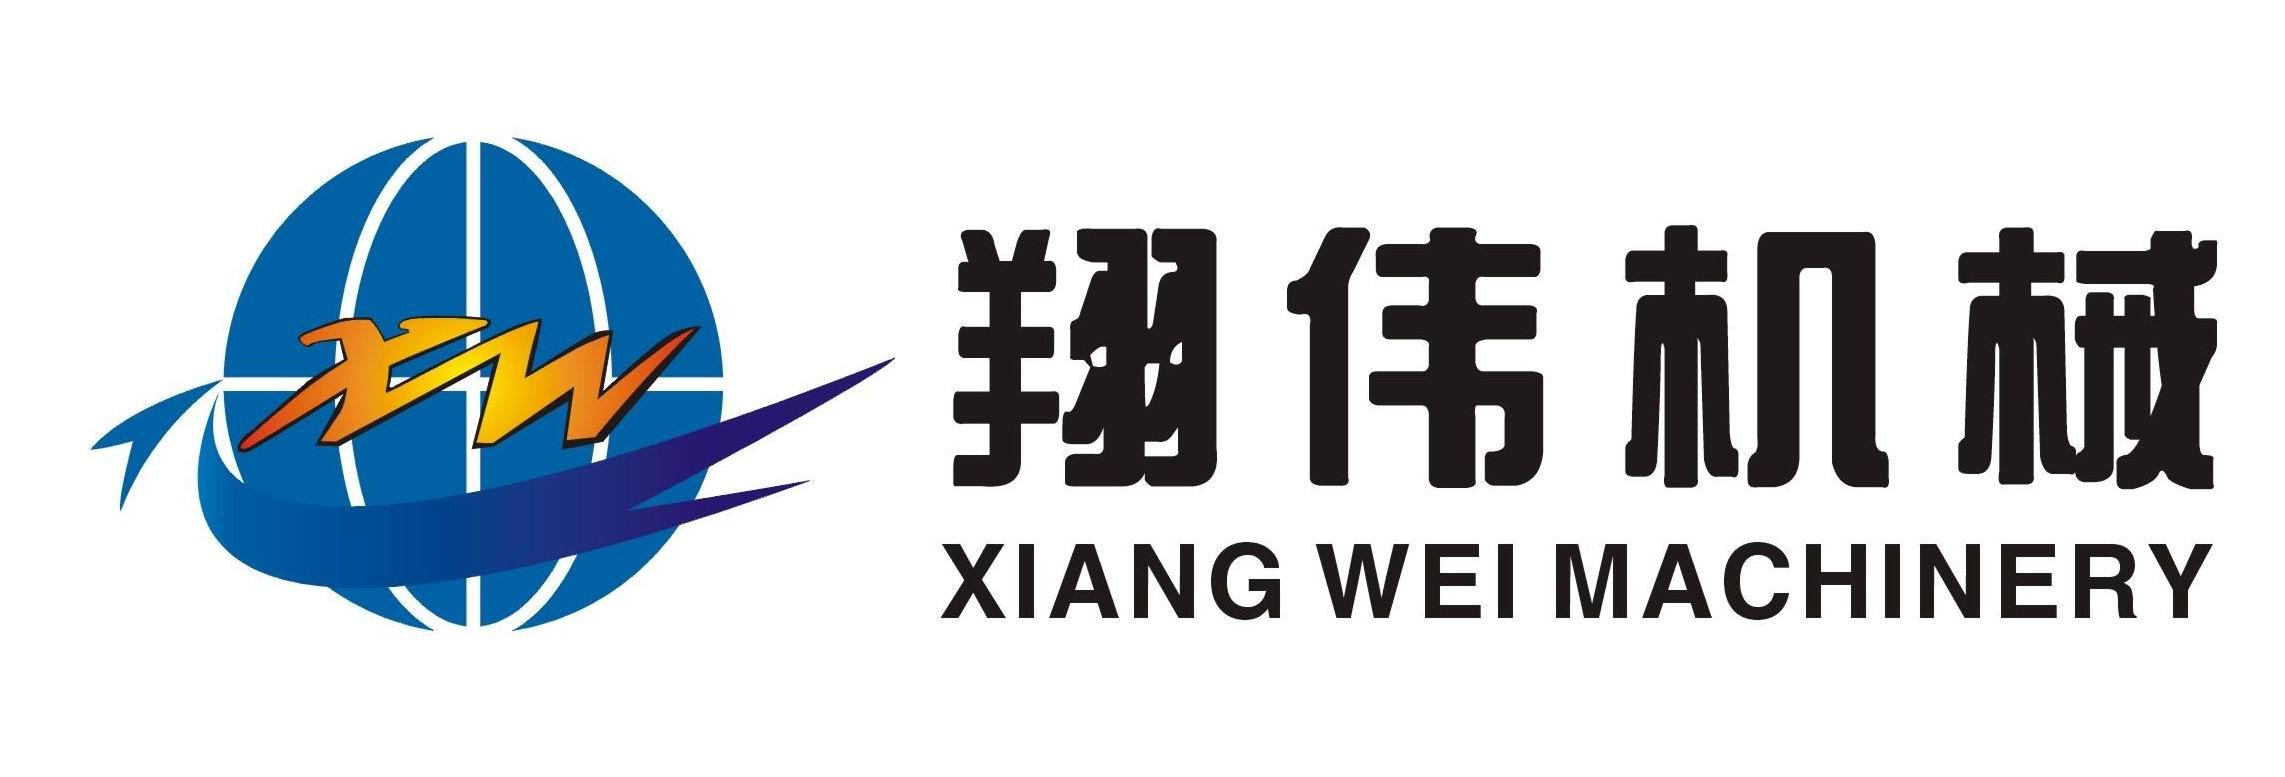 logo logo 标志 设计 矢量 矢量图 素材 图标 2285_777